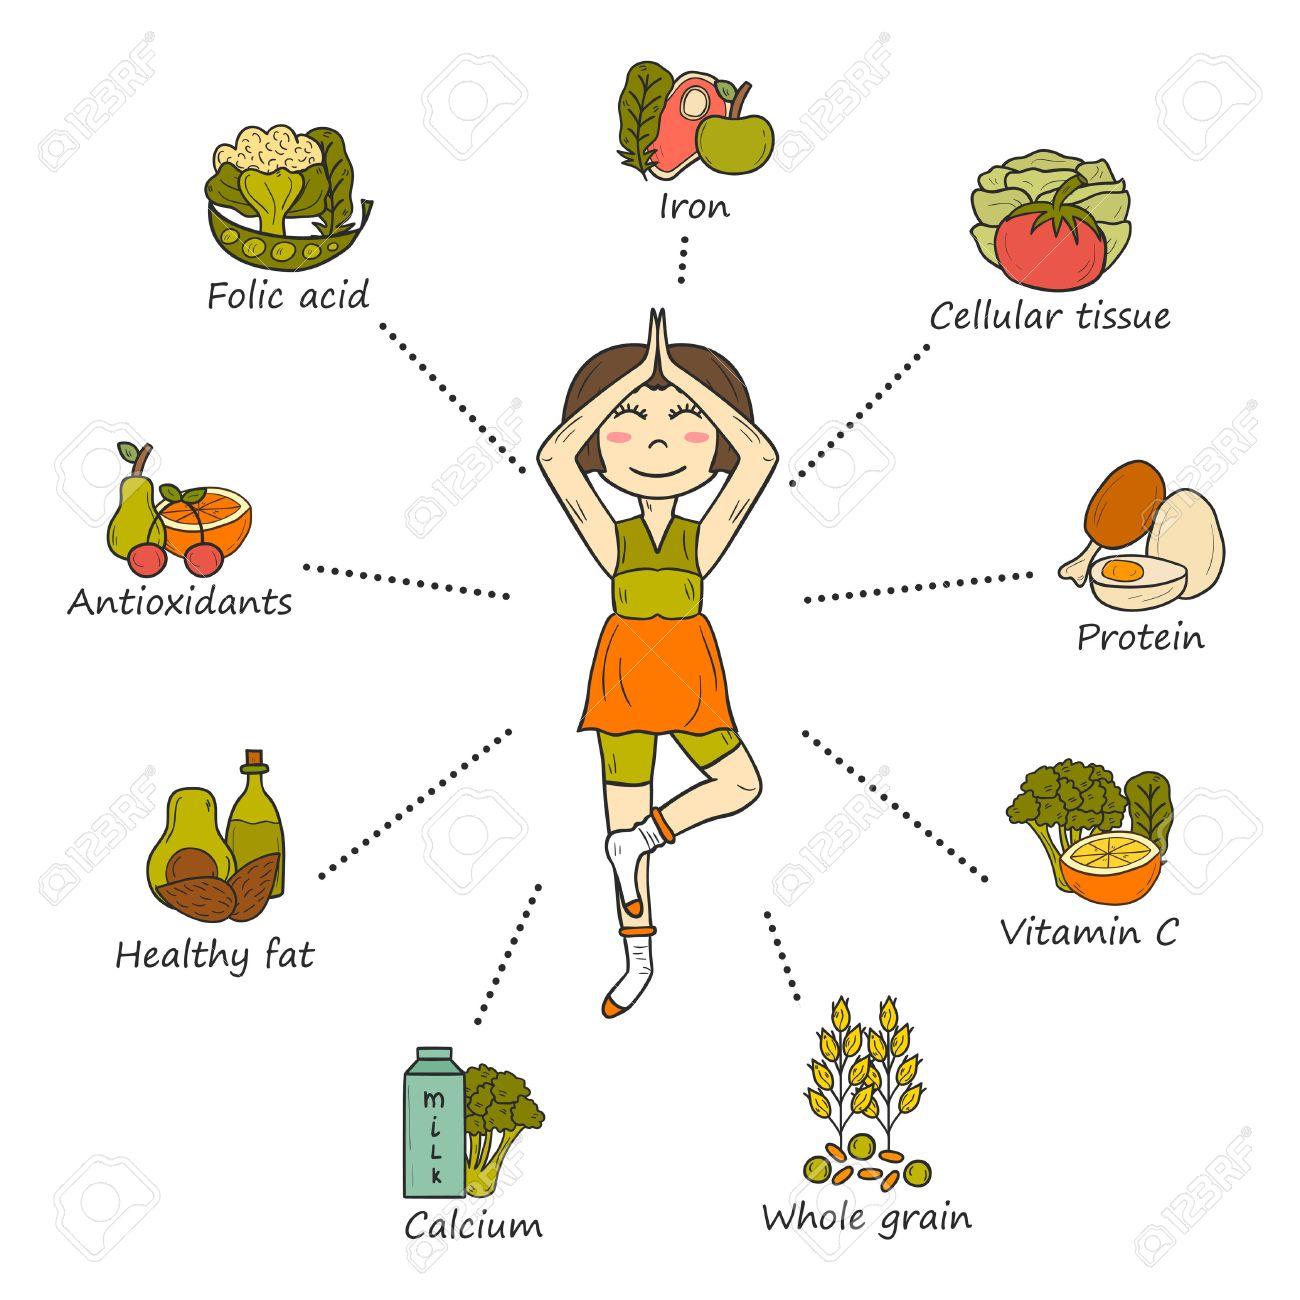 Conjunto De La Mano De Dibujos Animados Infografía Dibujado El Embarazo La Nutrición Con La Mujer Embarazada Y La Comida Estilo De Vida Saludable